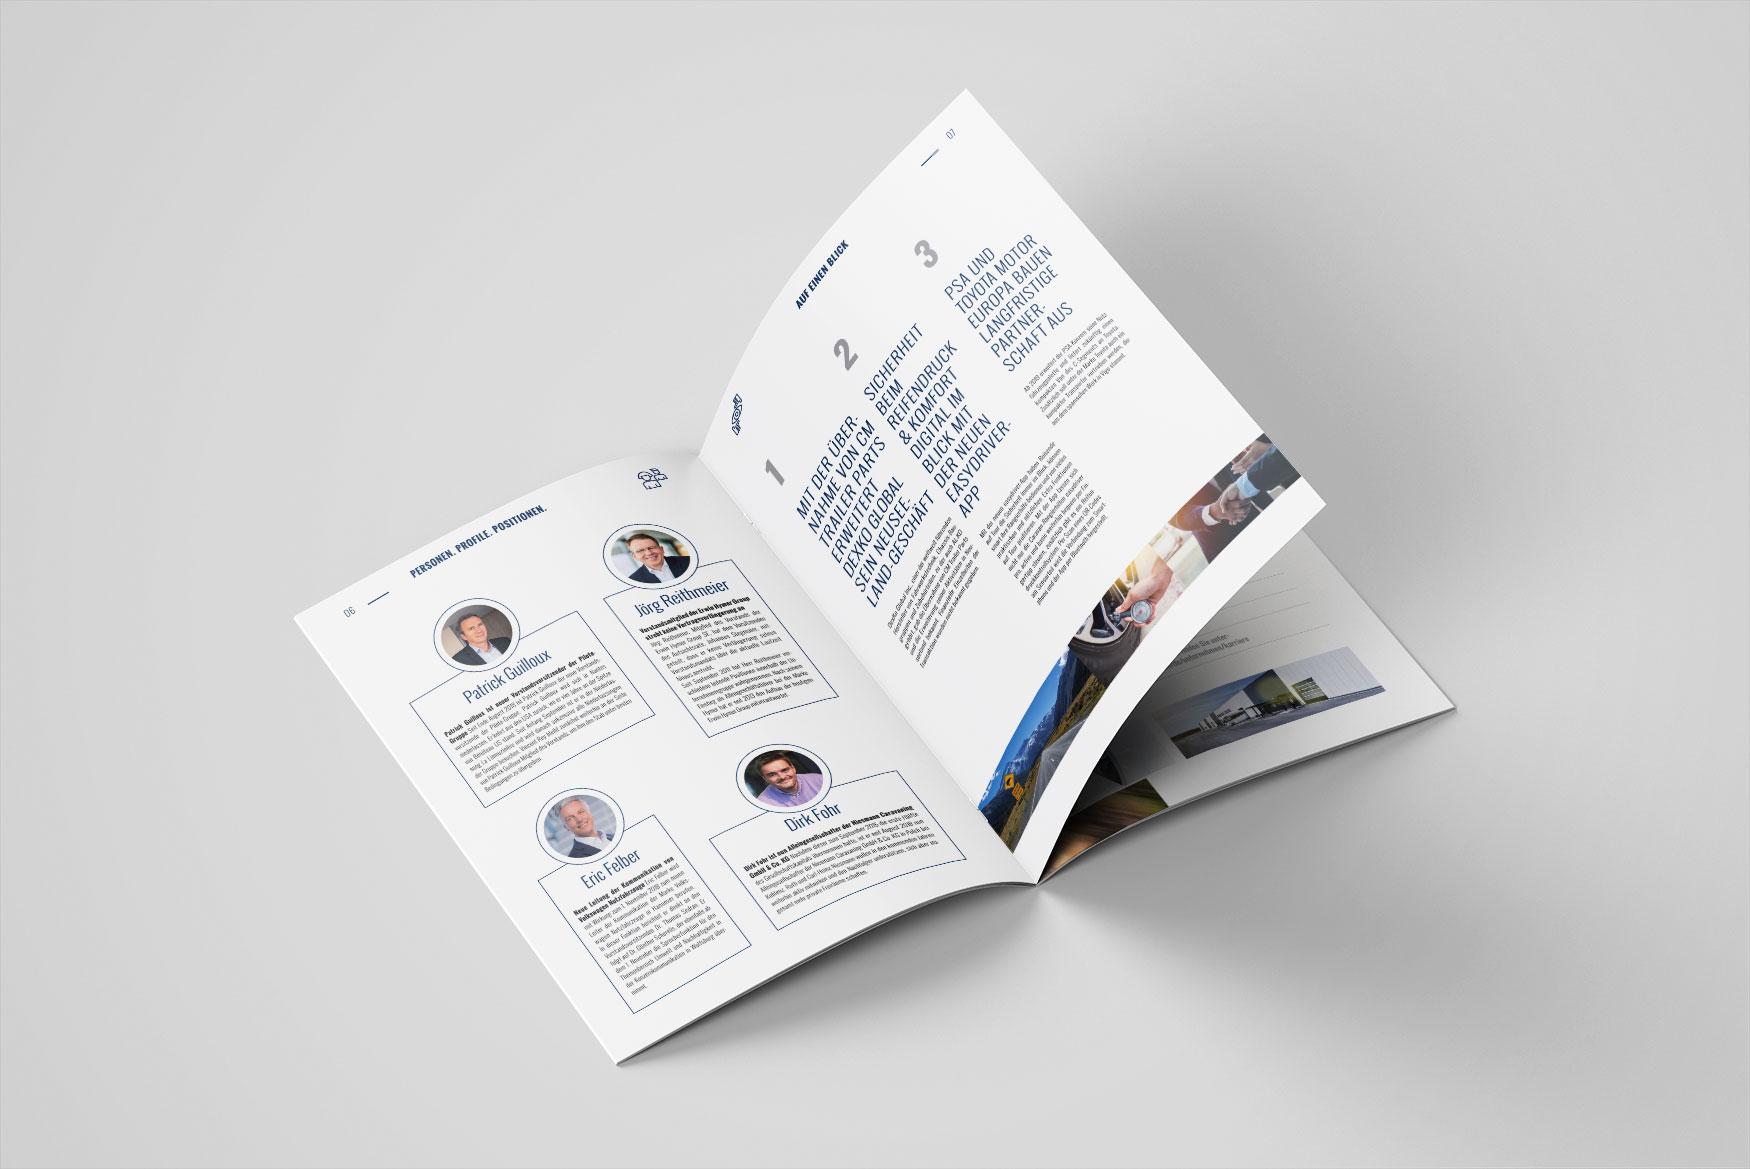 Editorial-Design-Broschuere-Caravaning-4-Designagentur-Stuttgart-Kreativbetrieb